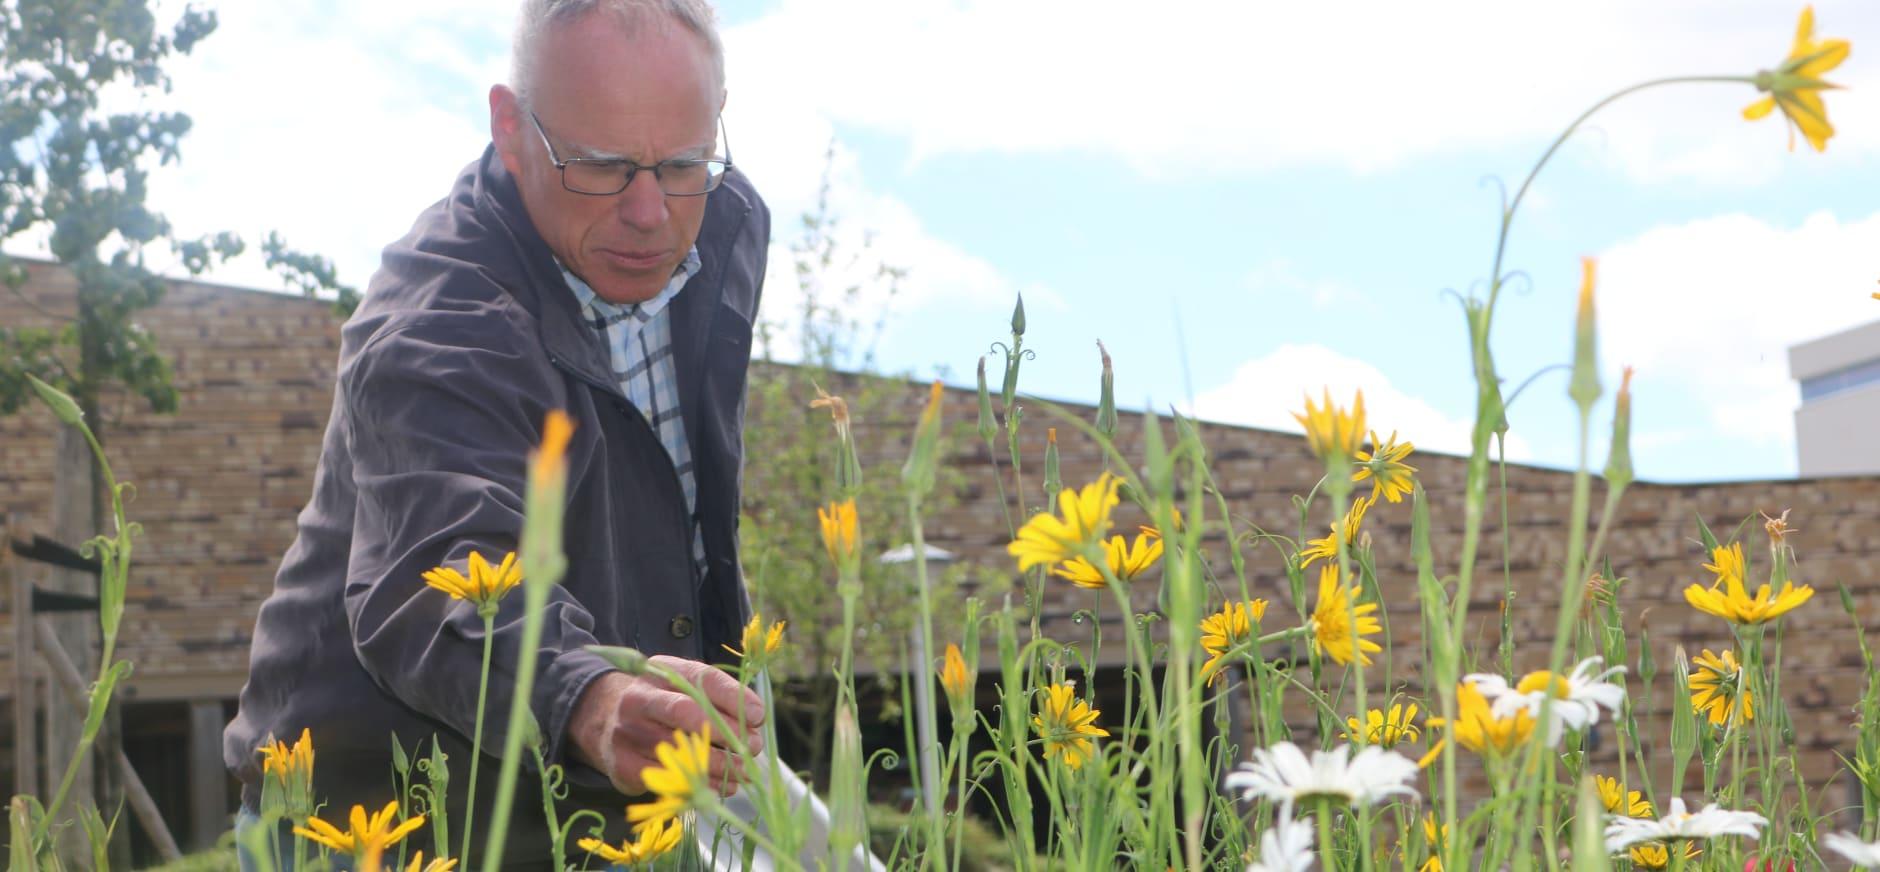 Hartkamp aalte maakt plaats voor wilde bloemen